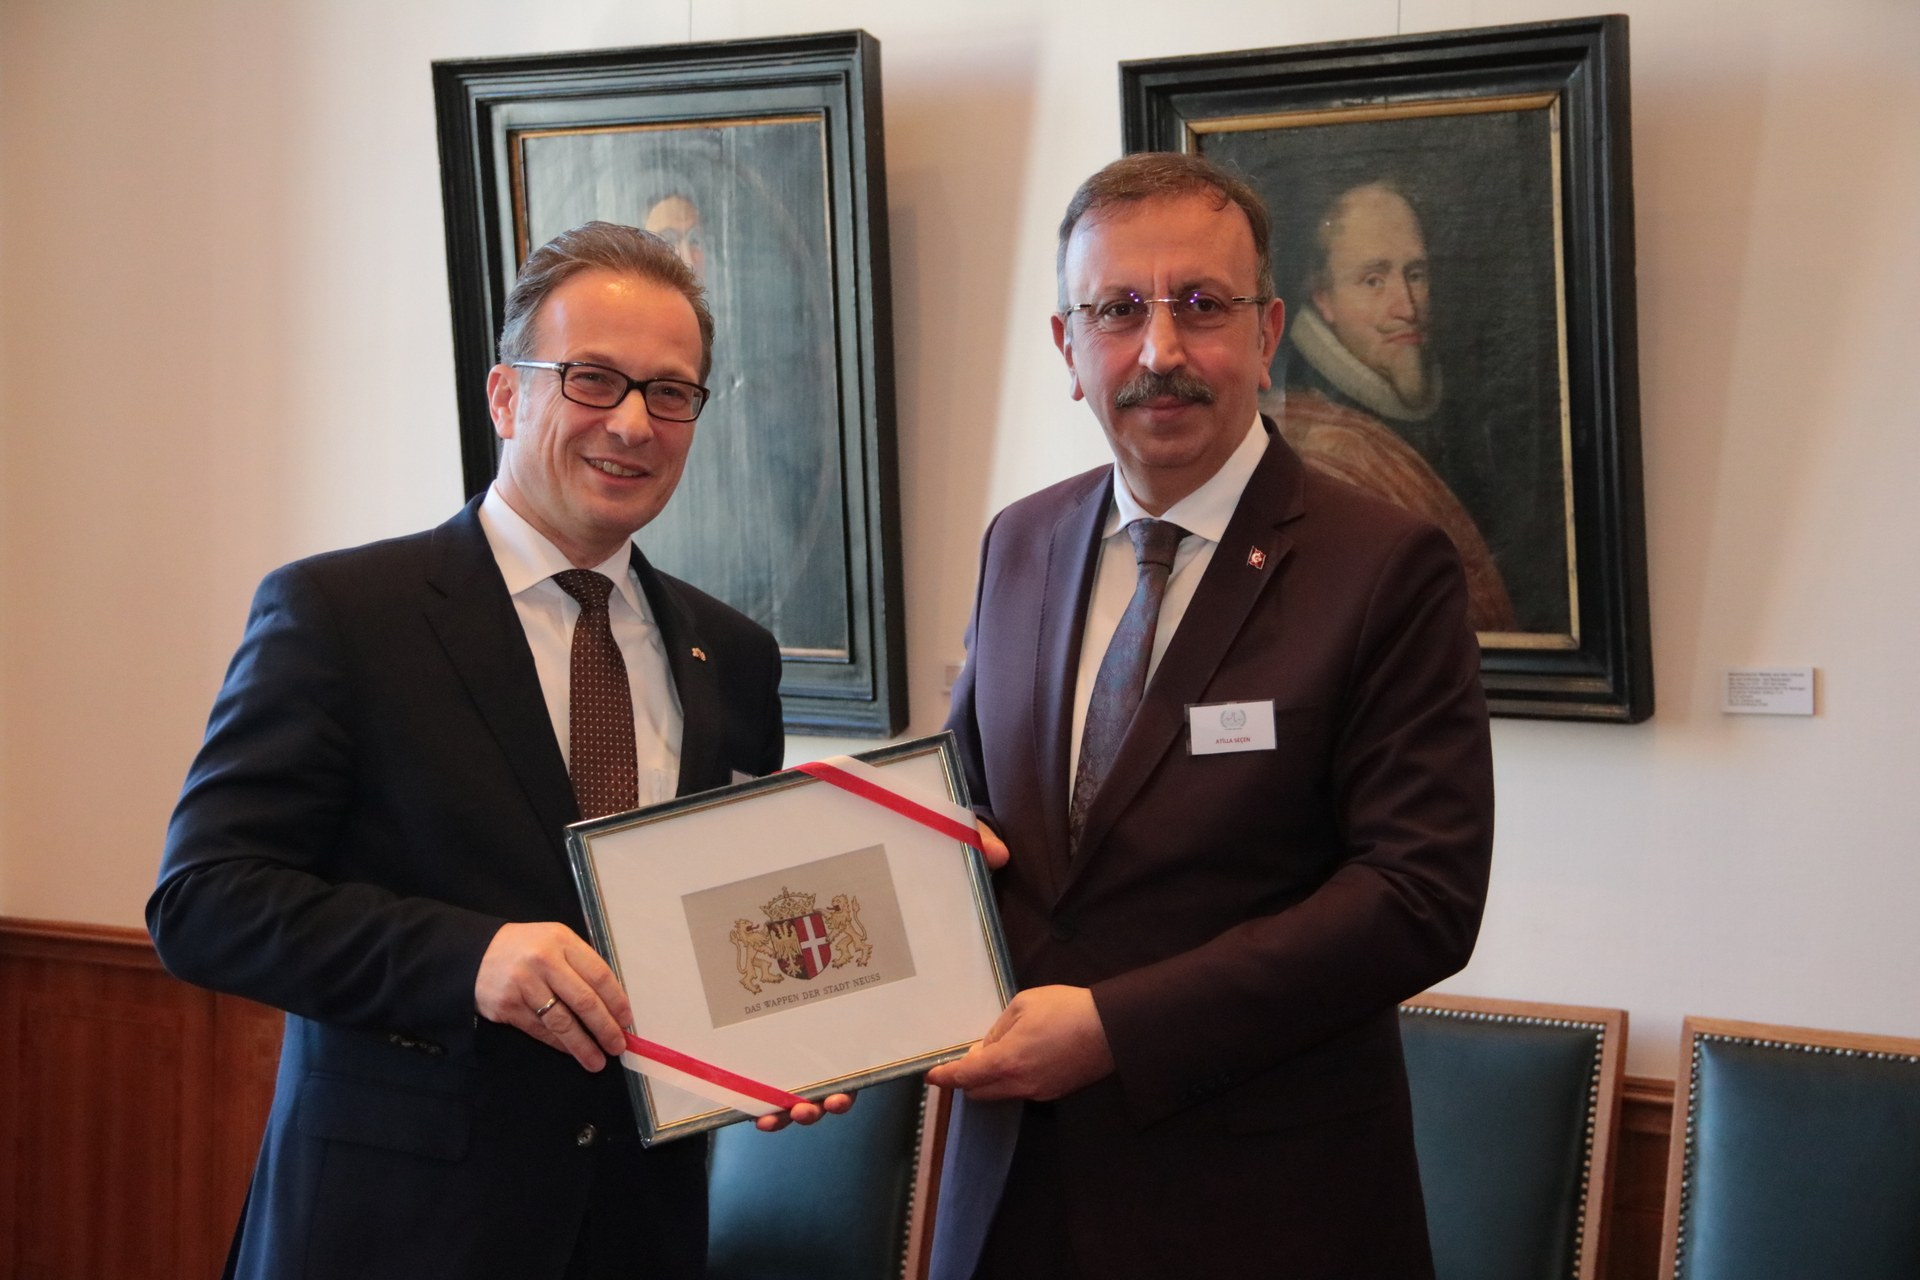 1802 BM Breuer empfing Delegation aus Nevşehir_2.JPG